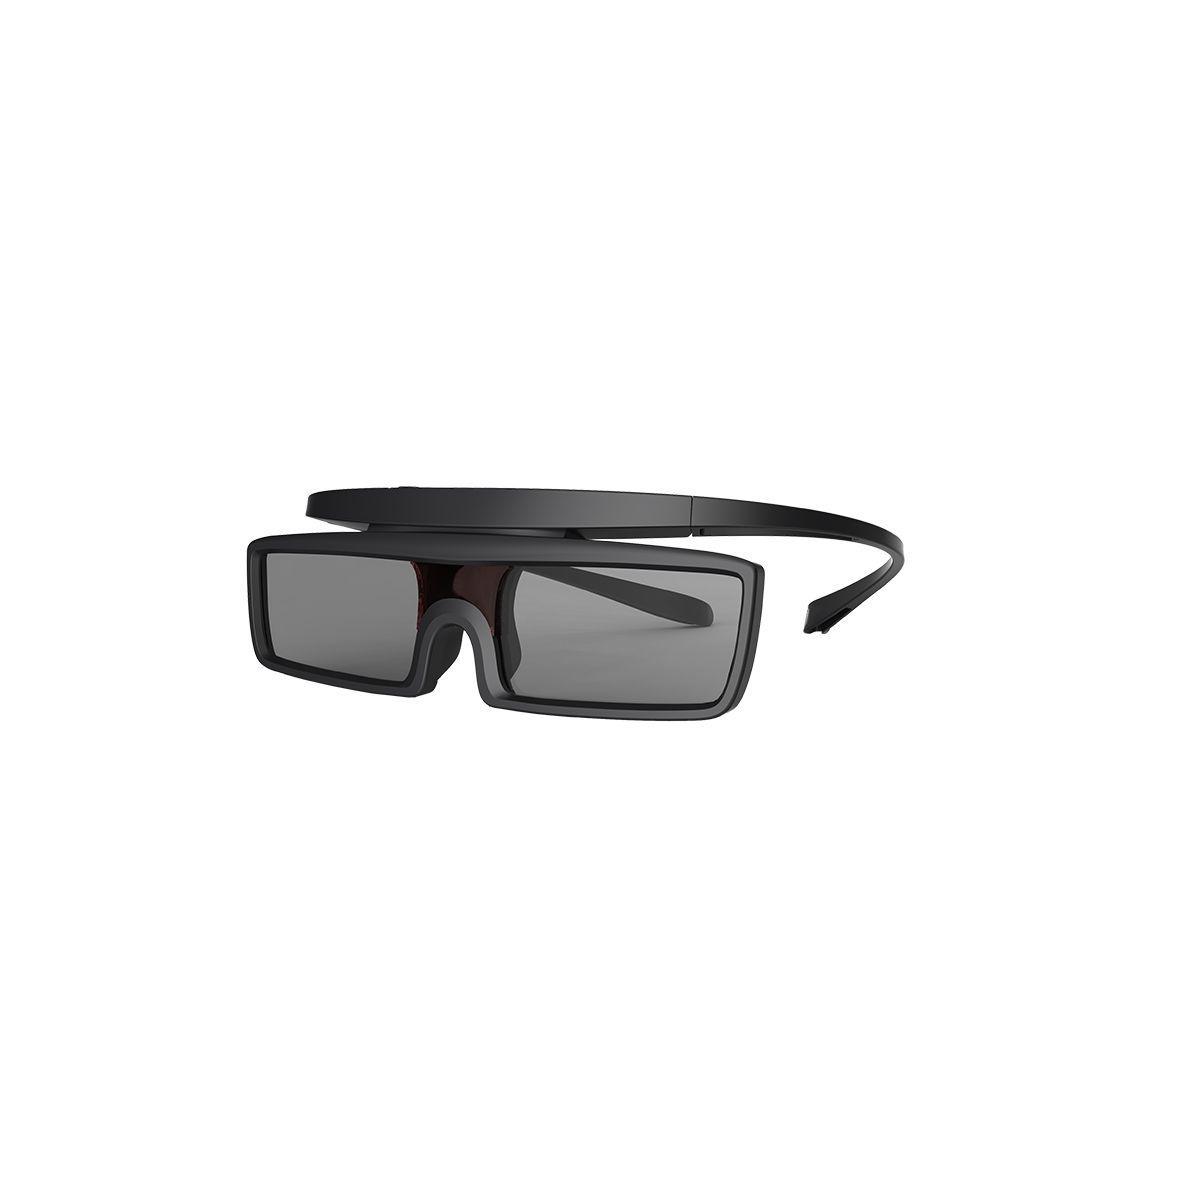 Accessoire hisense lunettes 3d pfs3d08 - 5% de remise imm�diate avec le code : noel5 (photo)